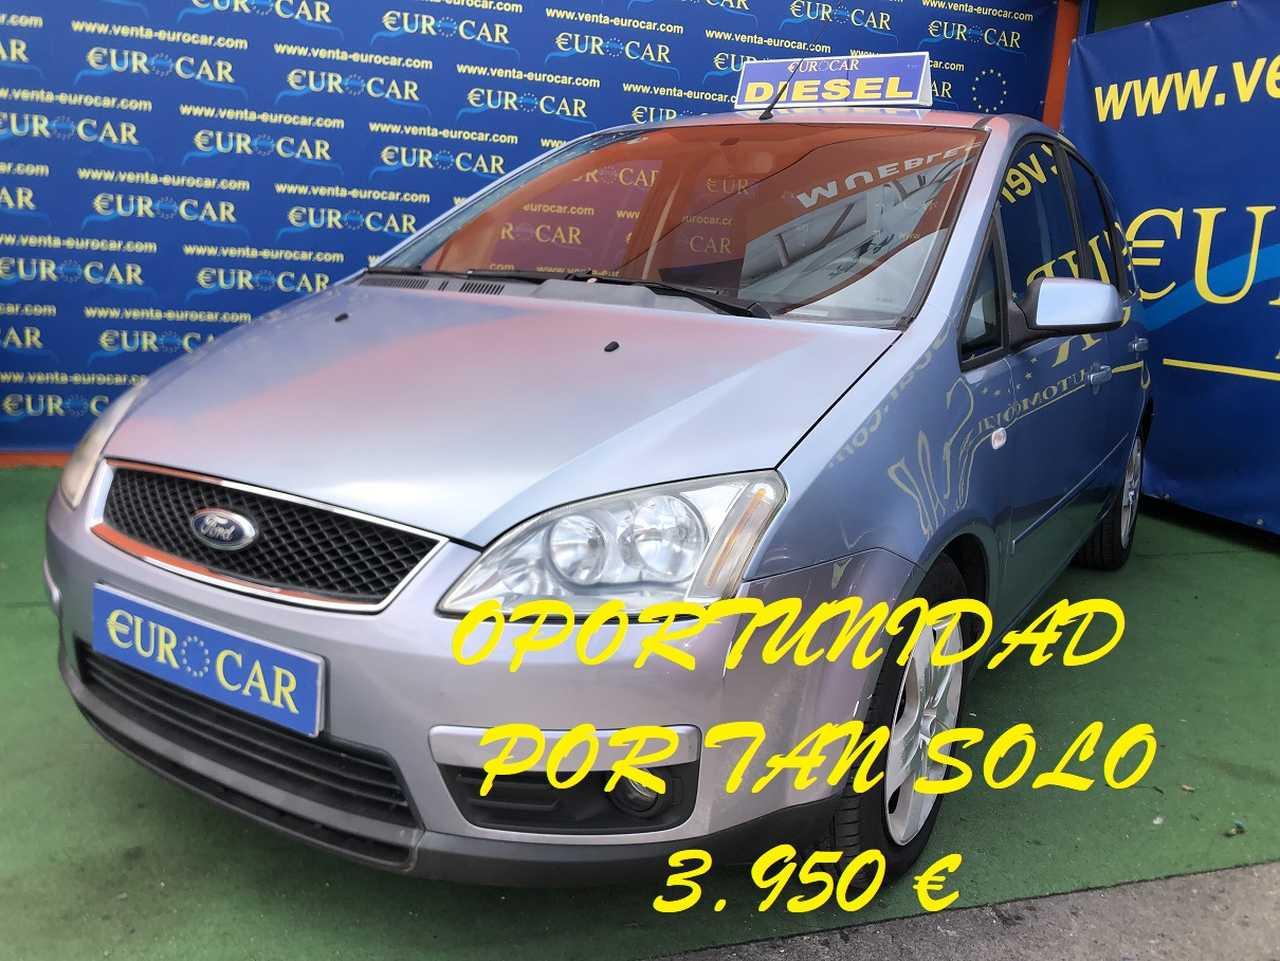 Ford C Max 1.6 TDCI   - Foto 1